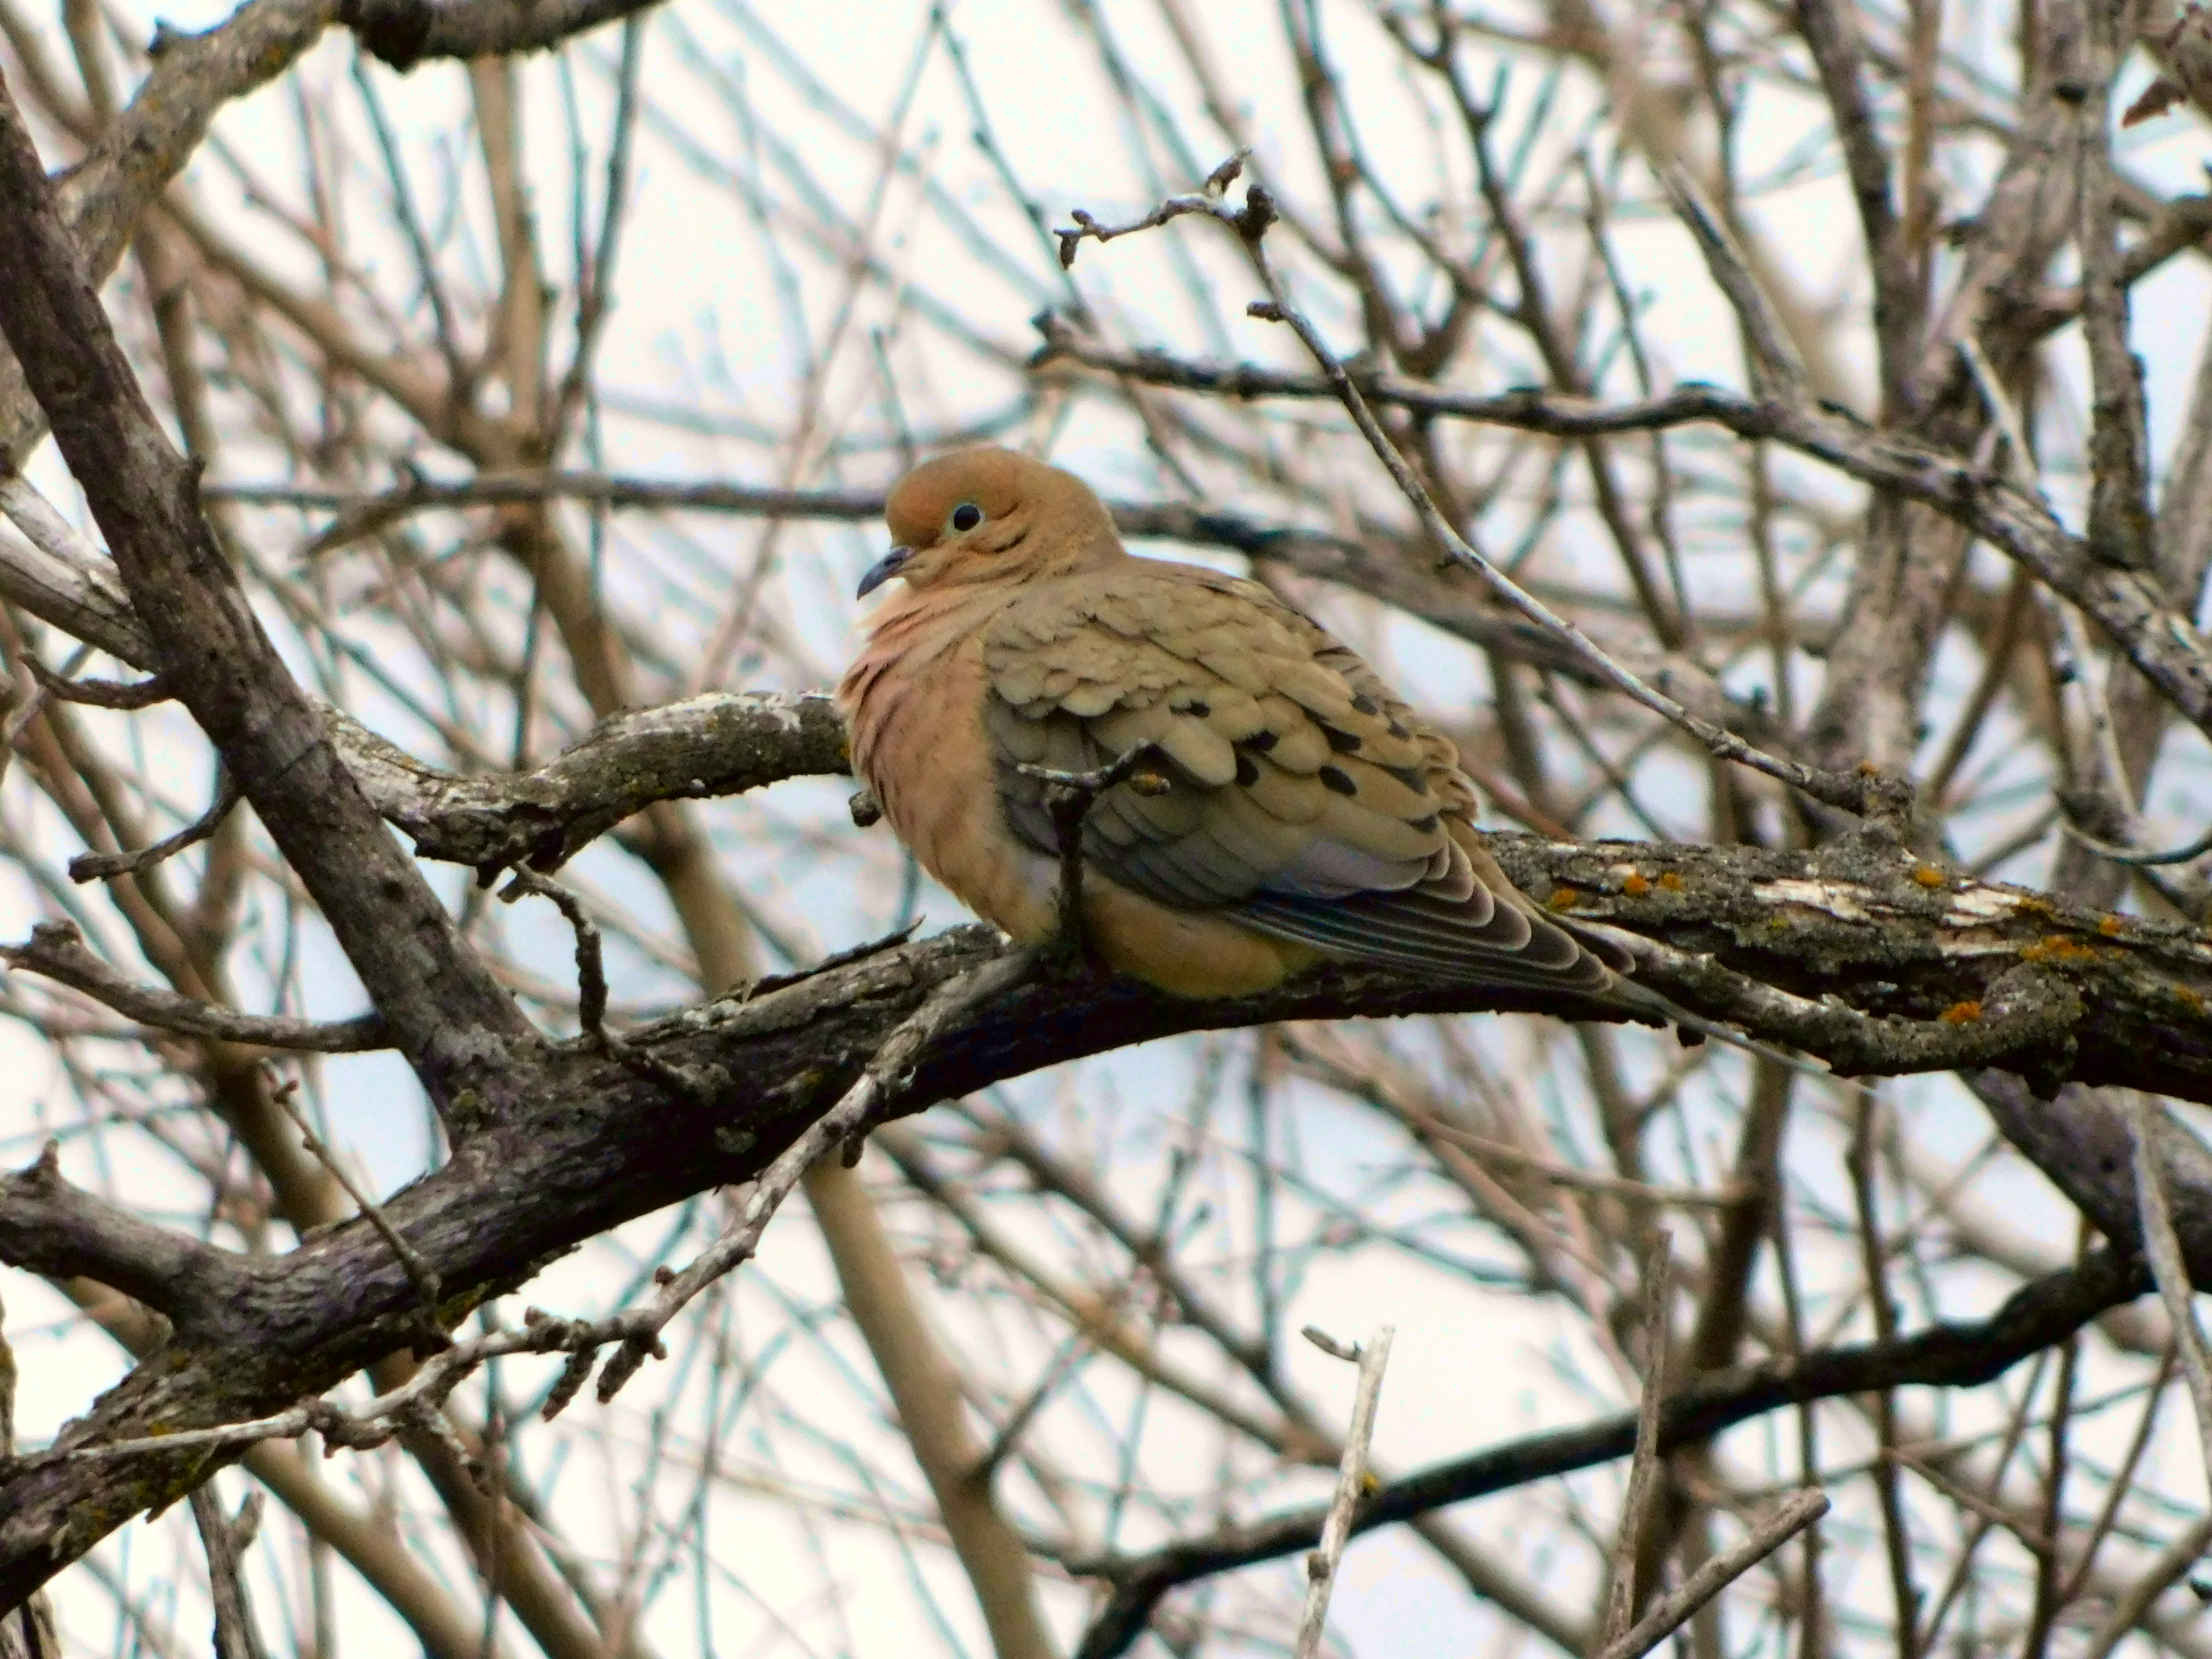 Large Mourning Dove